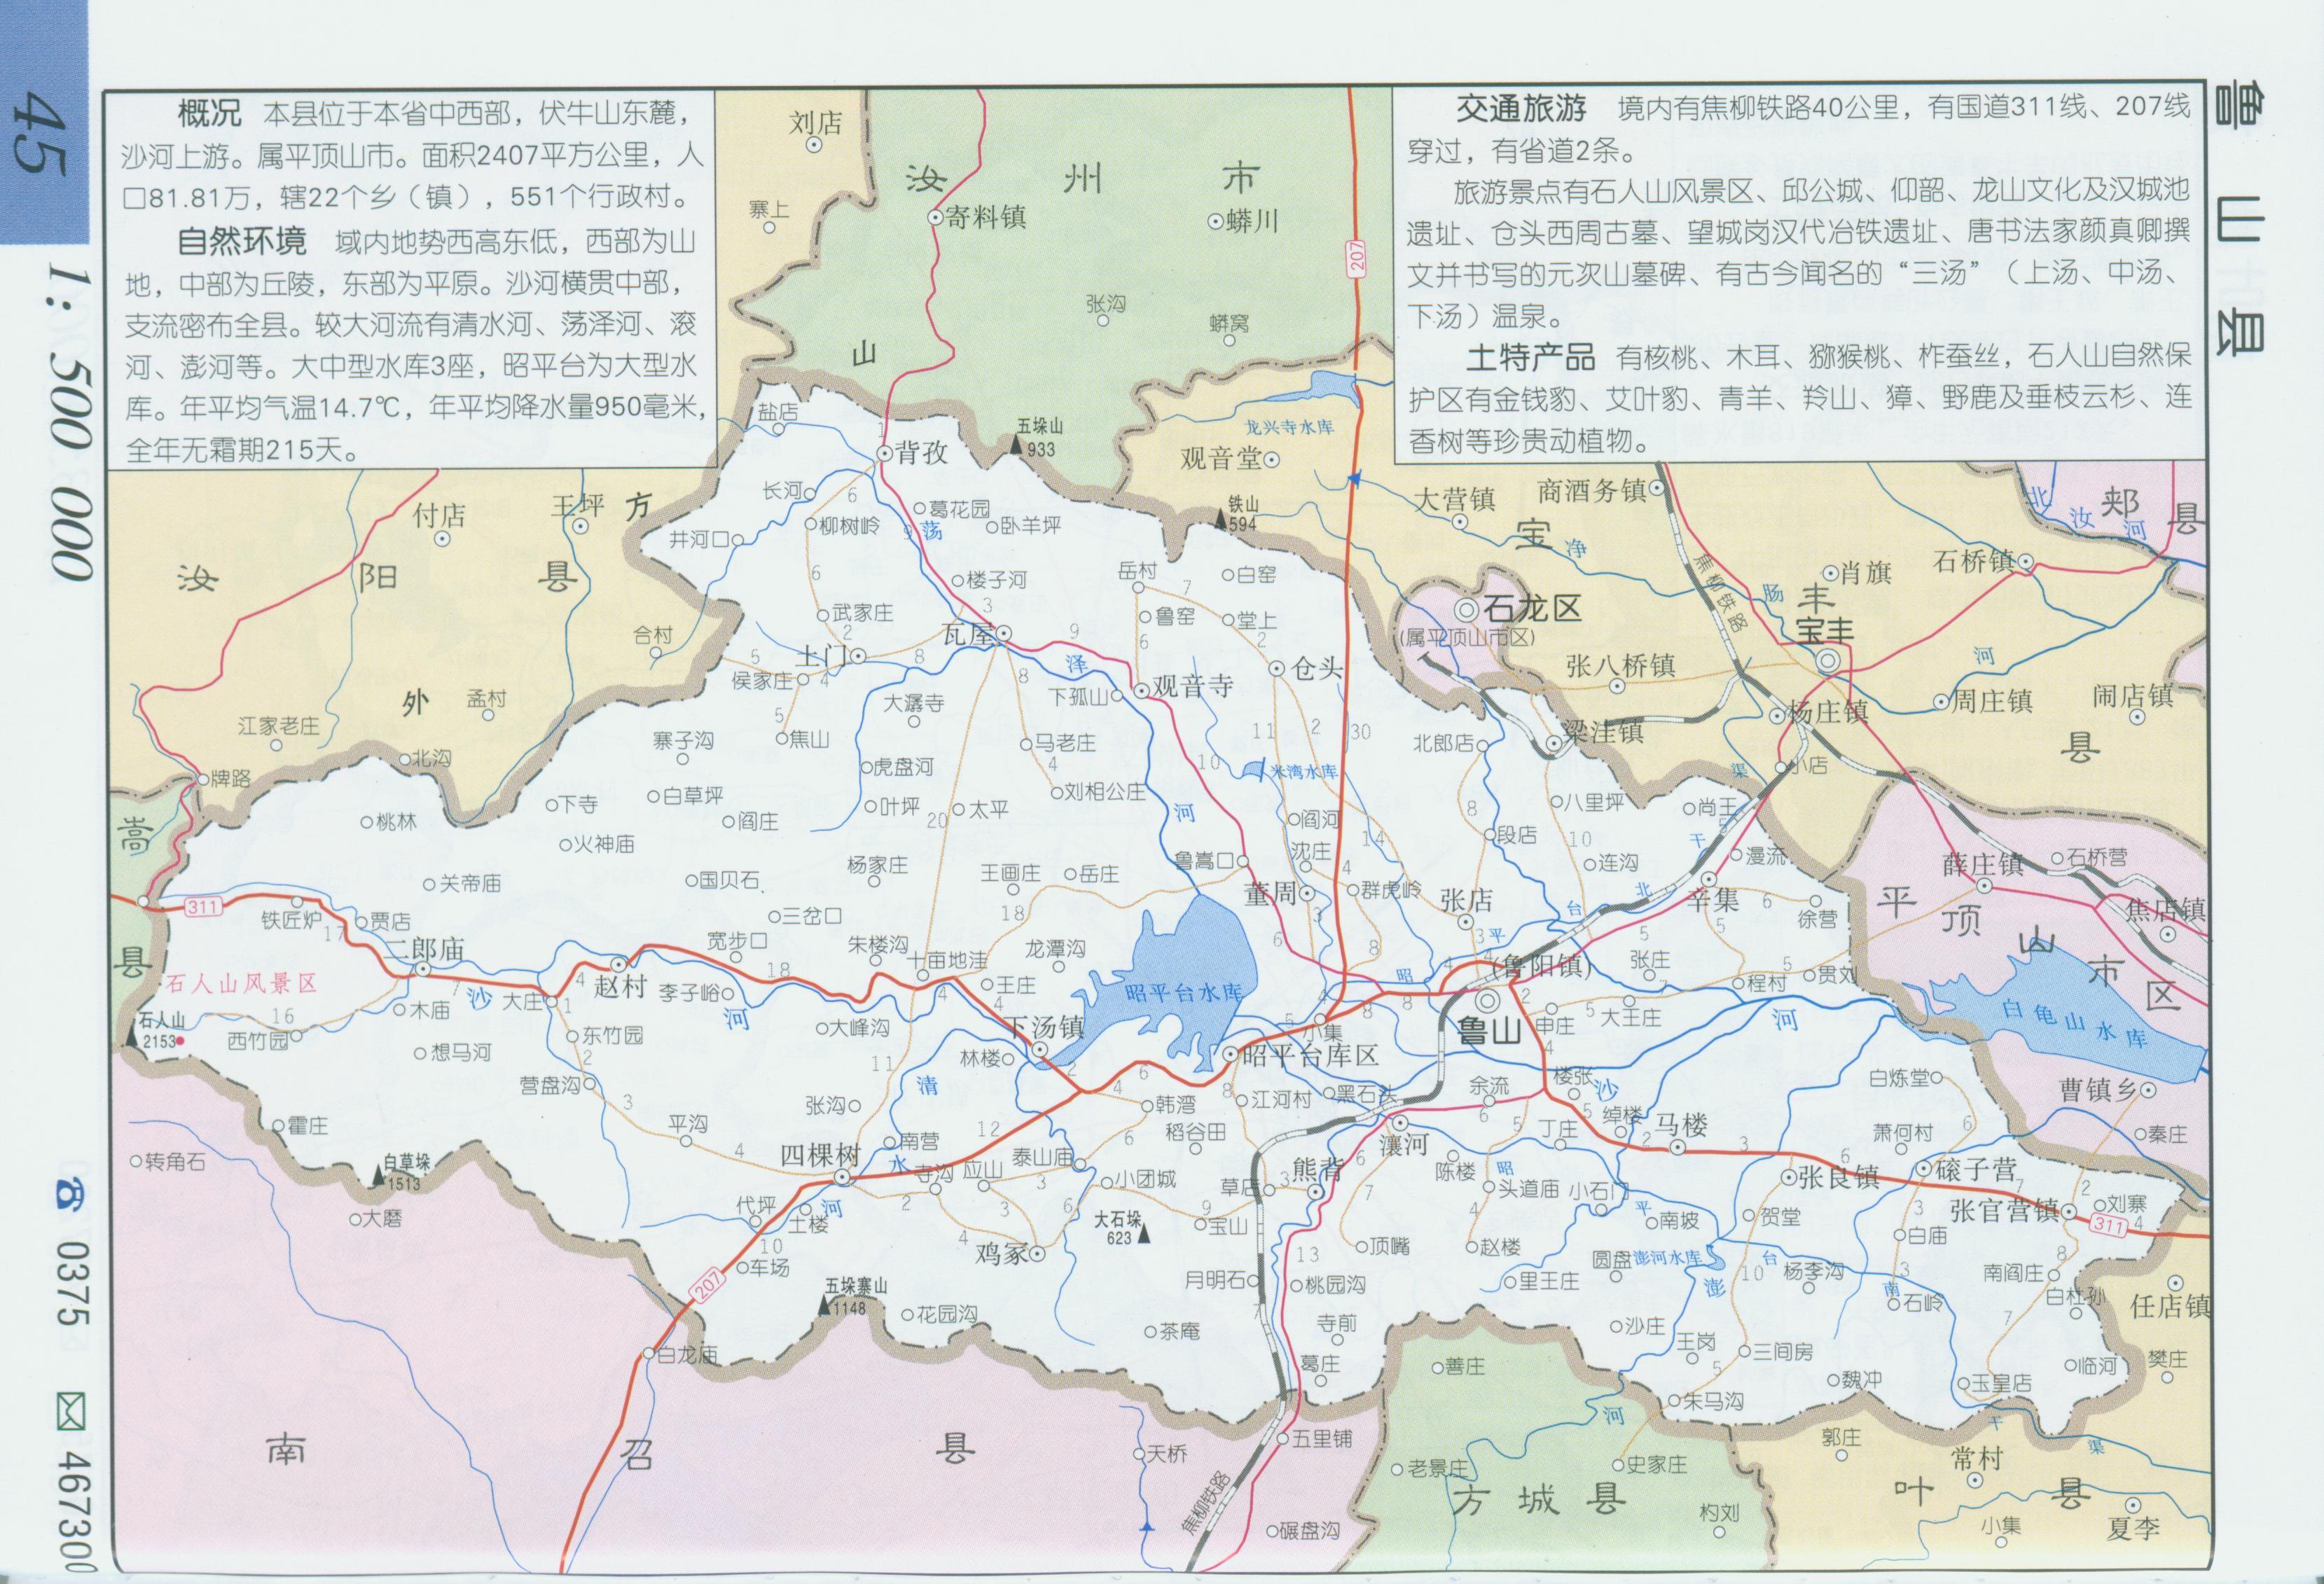 鲁山县地图_平顶山地图库